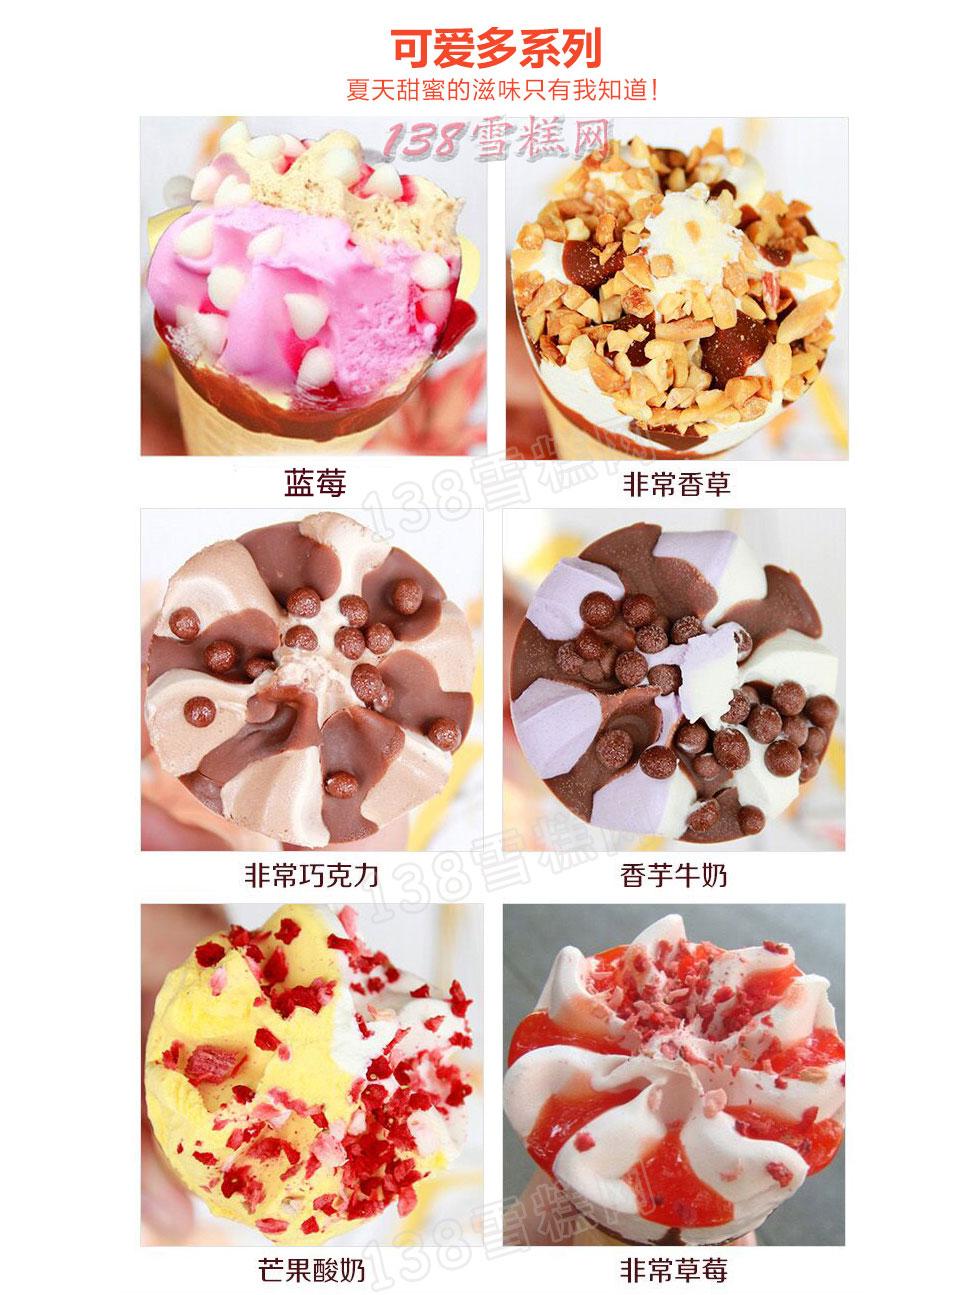 可爱多甜筒草莓口味冰淇淋批发 67g 24支的详细介绍